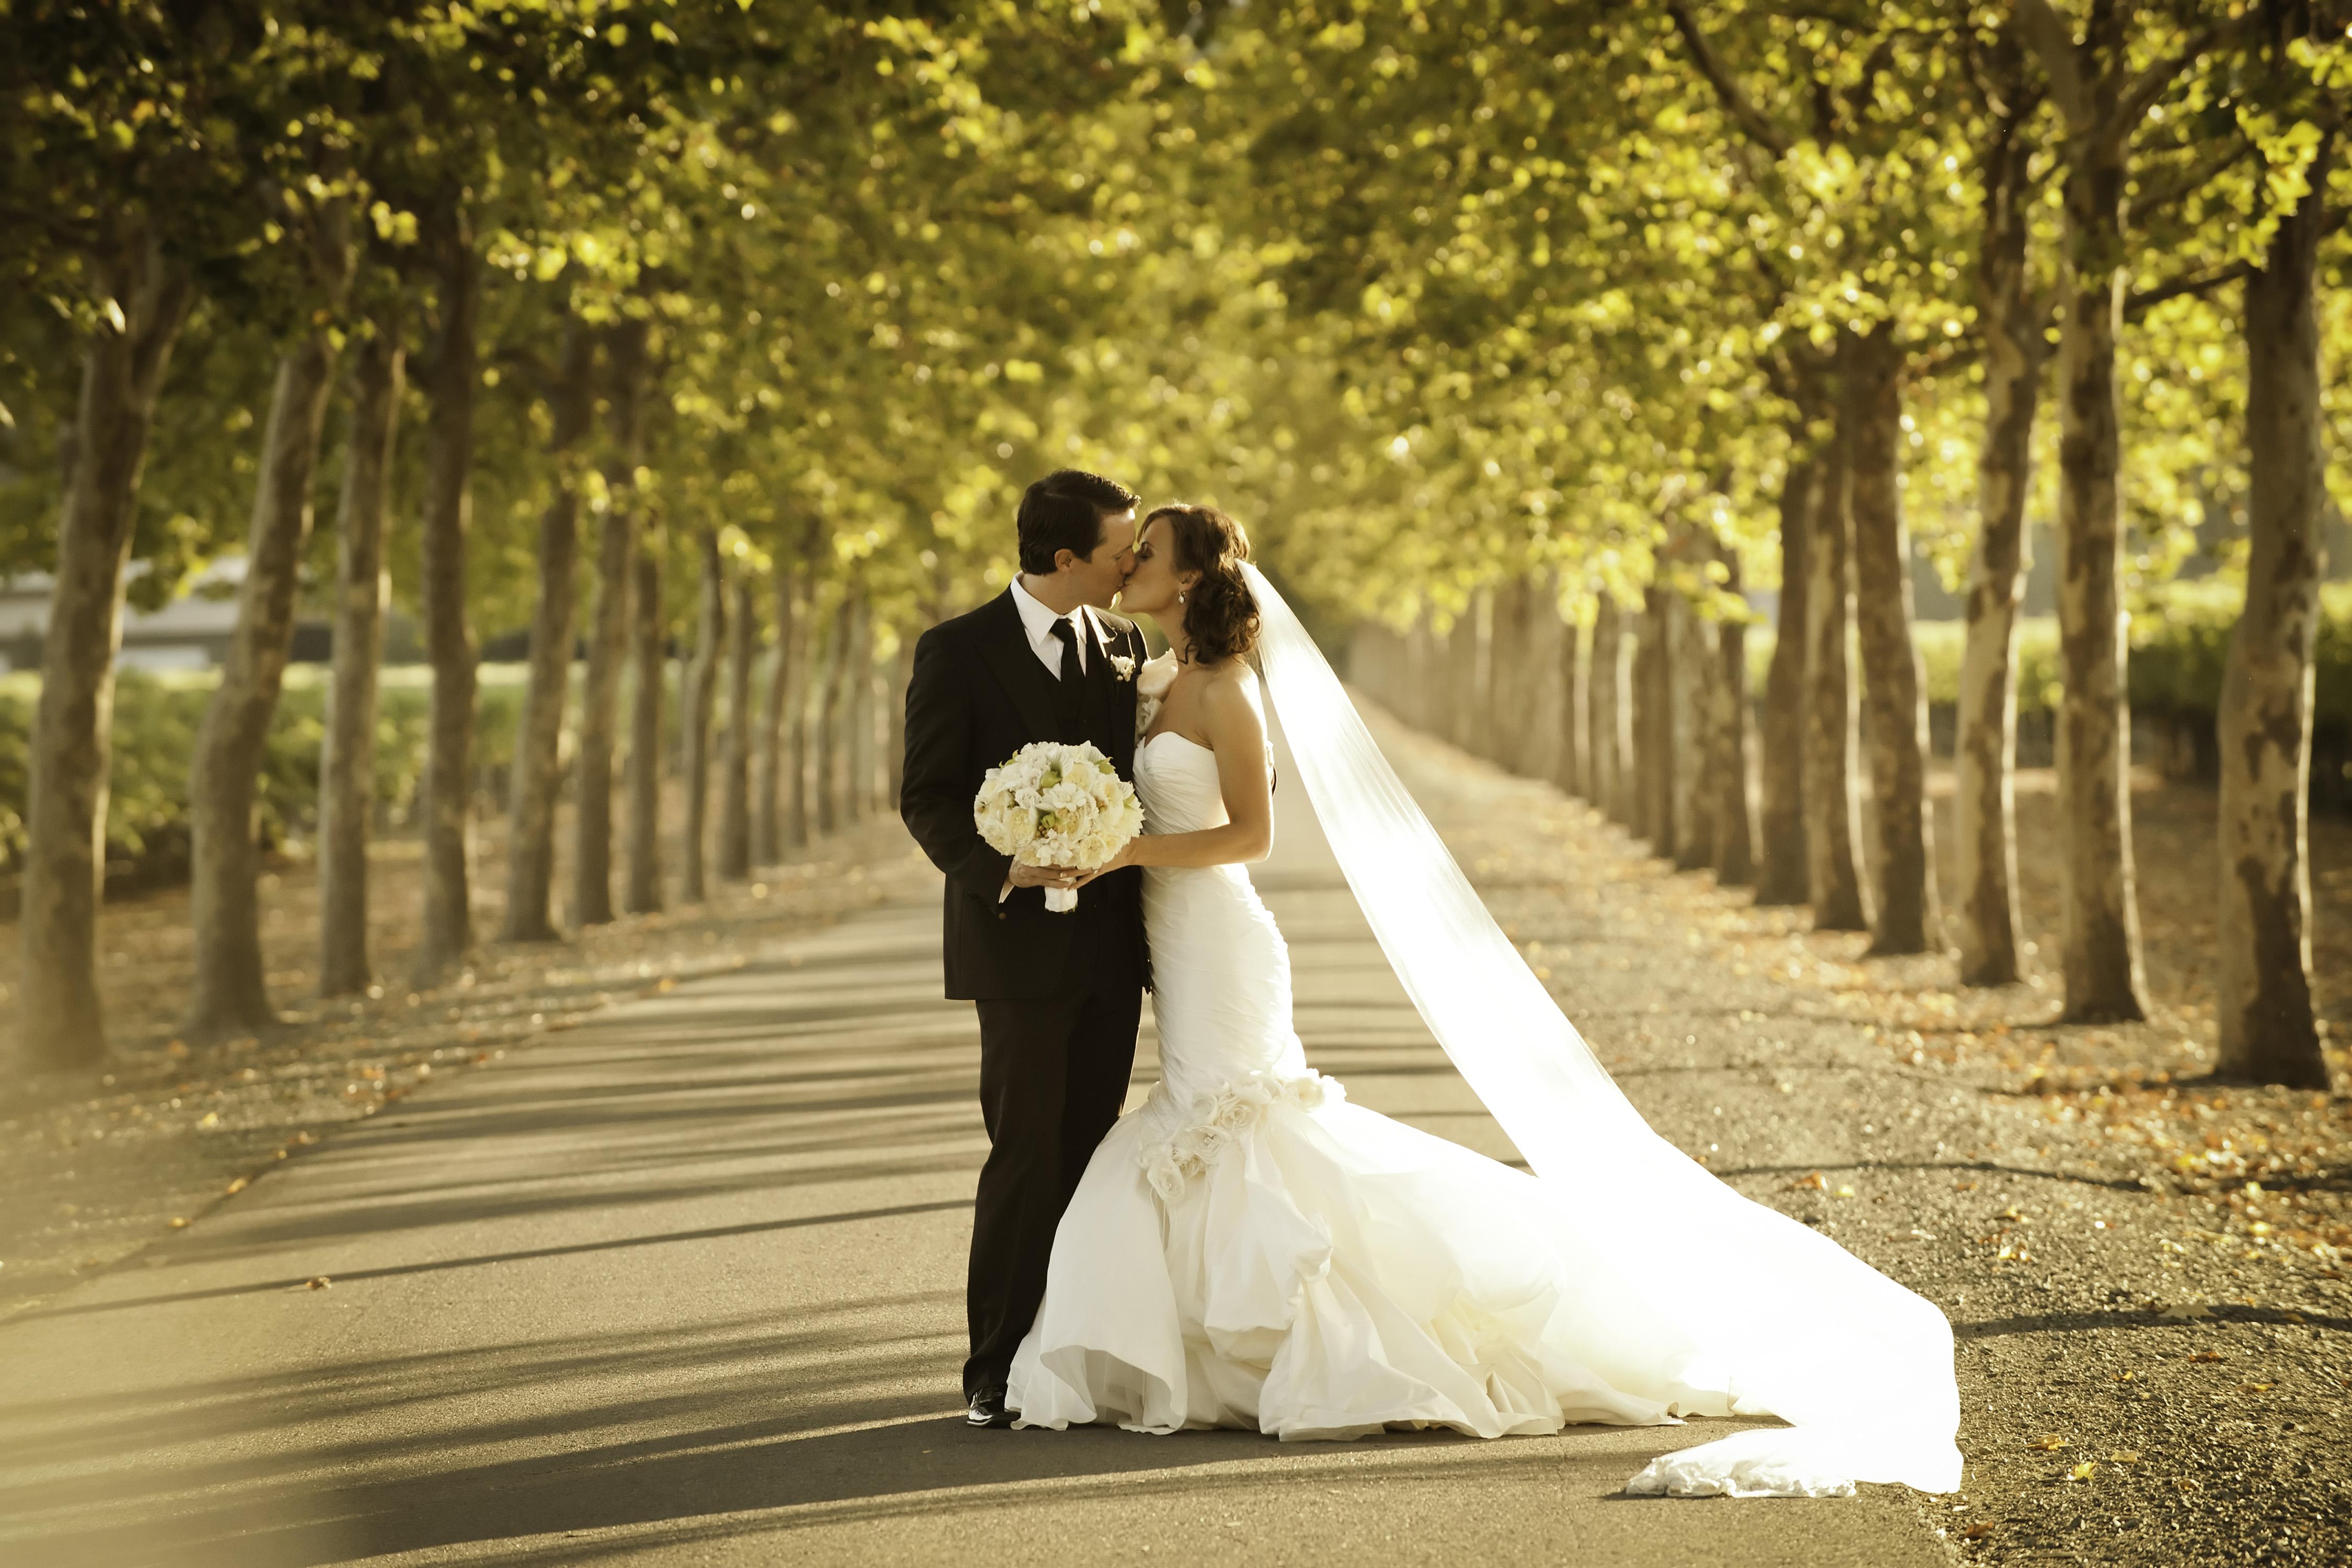 Matrimonio In Fotografia : Mini wedding conheça a nova tendência dos casamentos